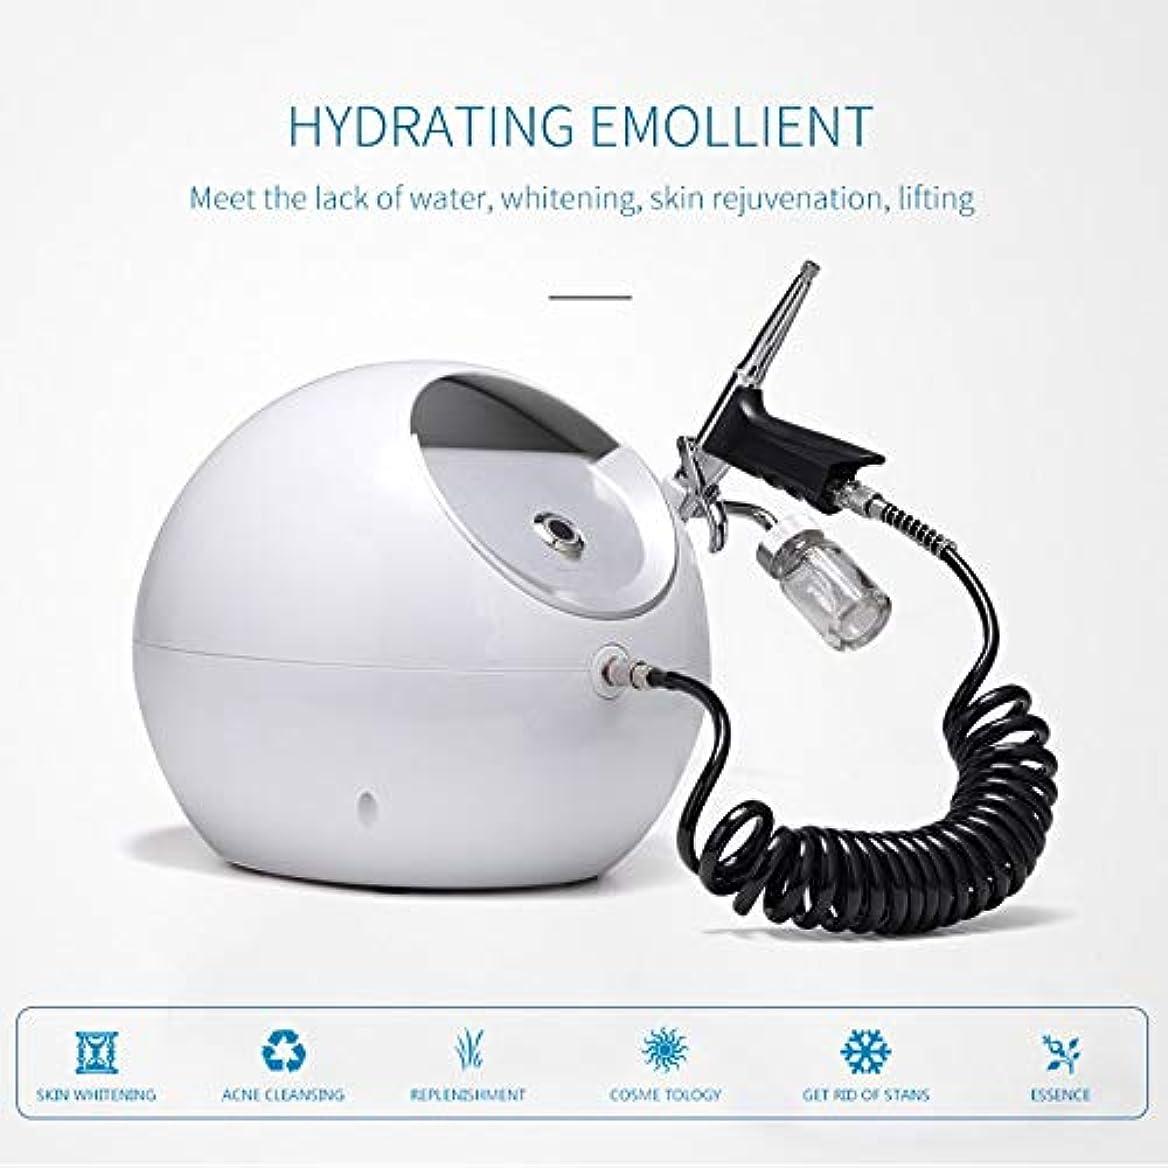 打ち上げる支配的手段2 In1 小バブル酸素ジェットピールハイドロフェイシャルダーマブレーションマシン、フェイシャルクリーニングブラックヘッドにきびのための皮膚酸素注入美容機器